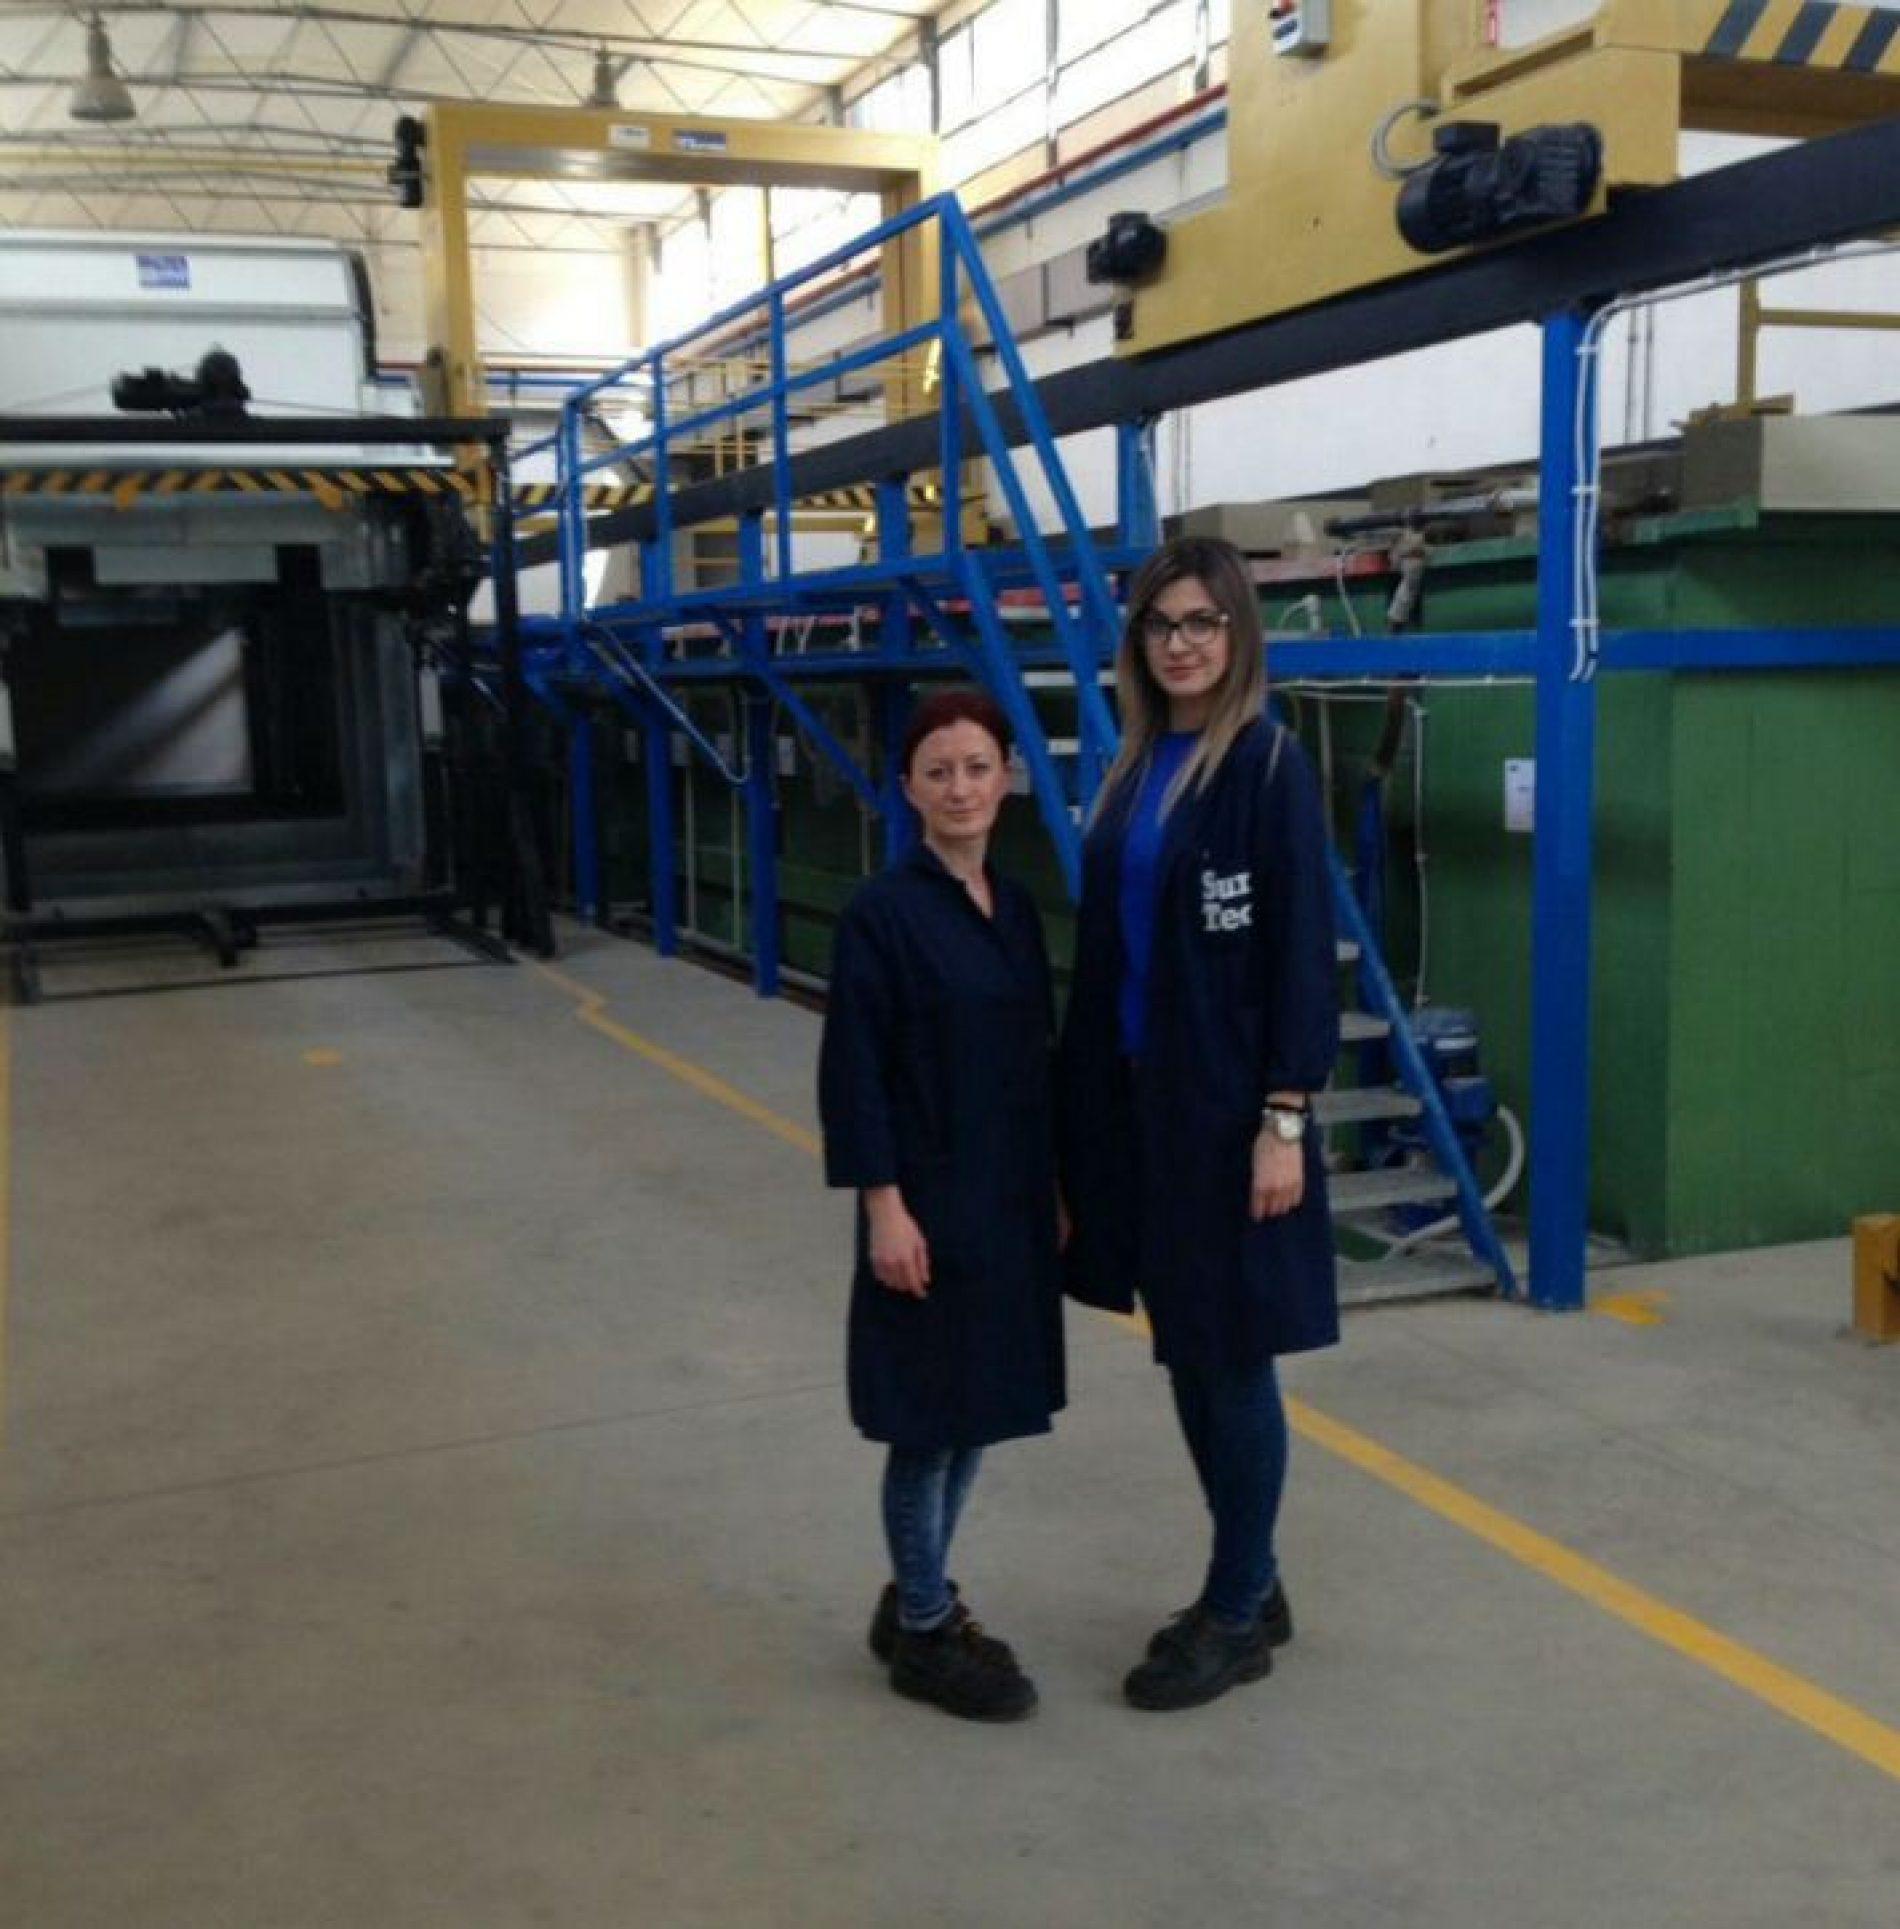 SurTec-Eurosjaj: Bosanska firma koja pokreće firme u regionu. Proizvode za Ford, BMW, Audi